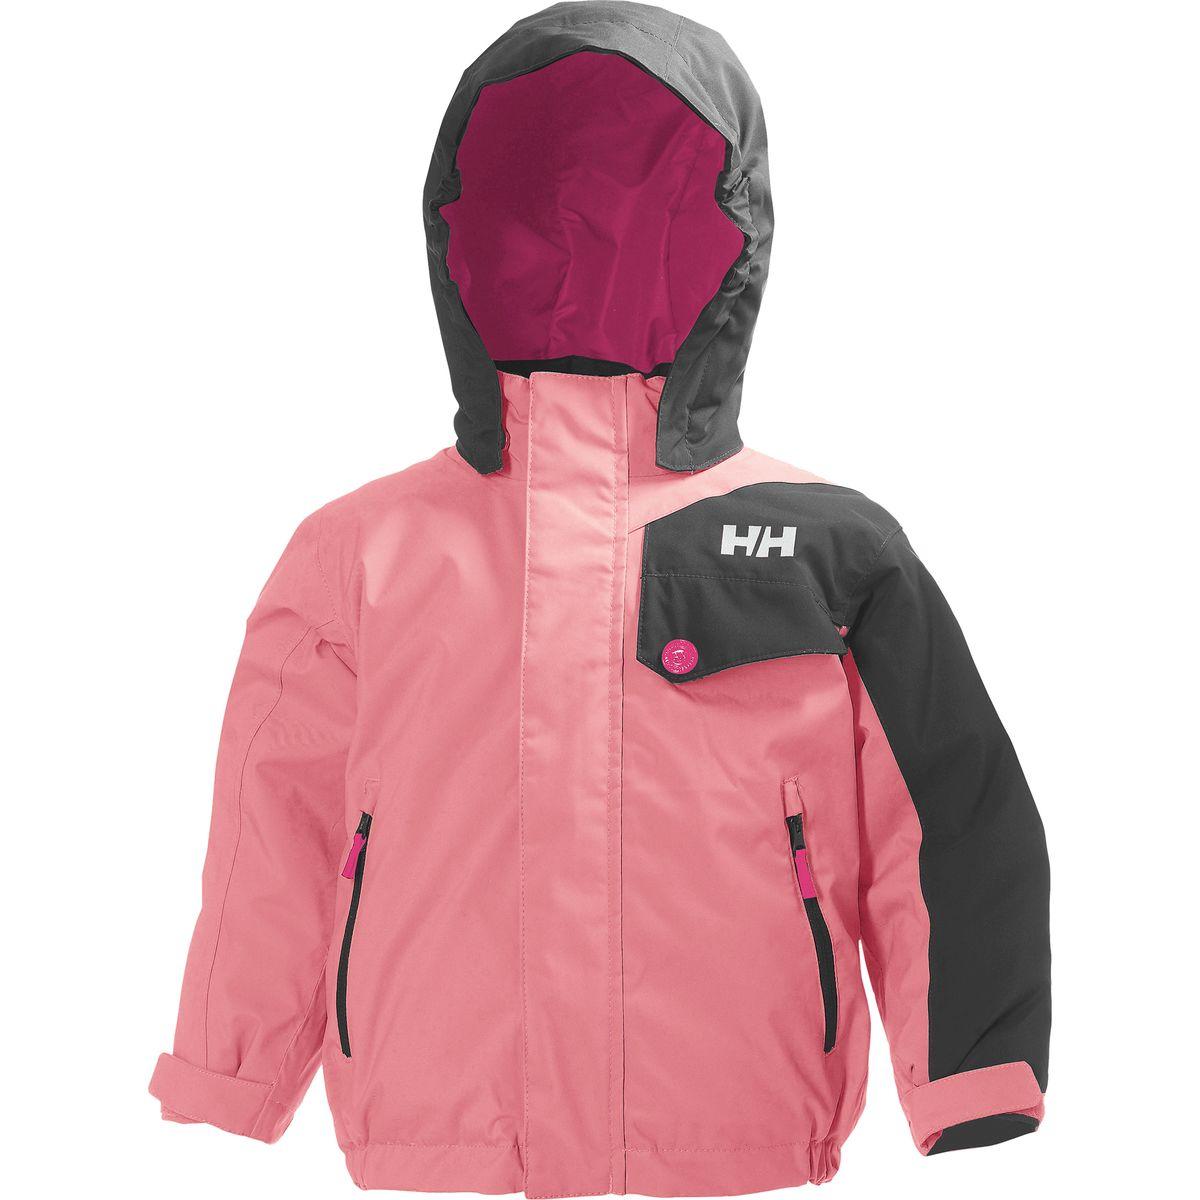 Helly Hansen Rider Insulated Jacket - Toddler Girls